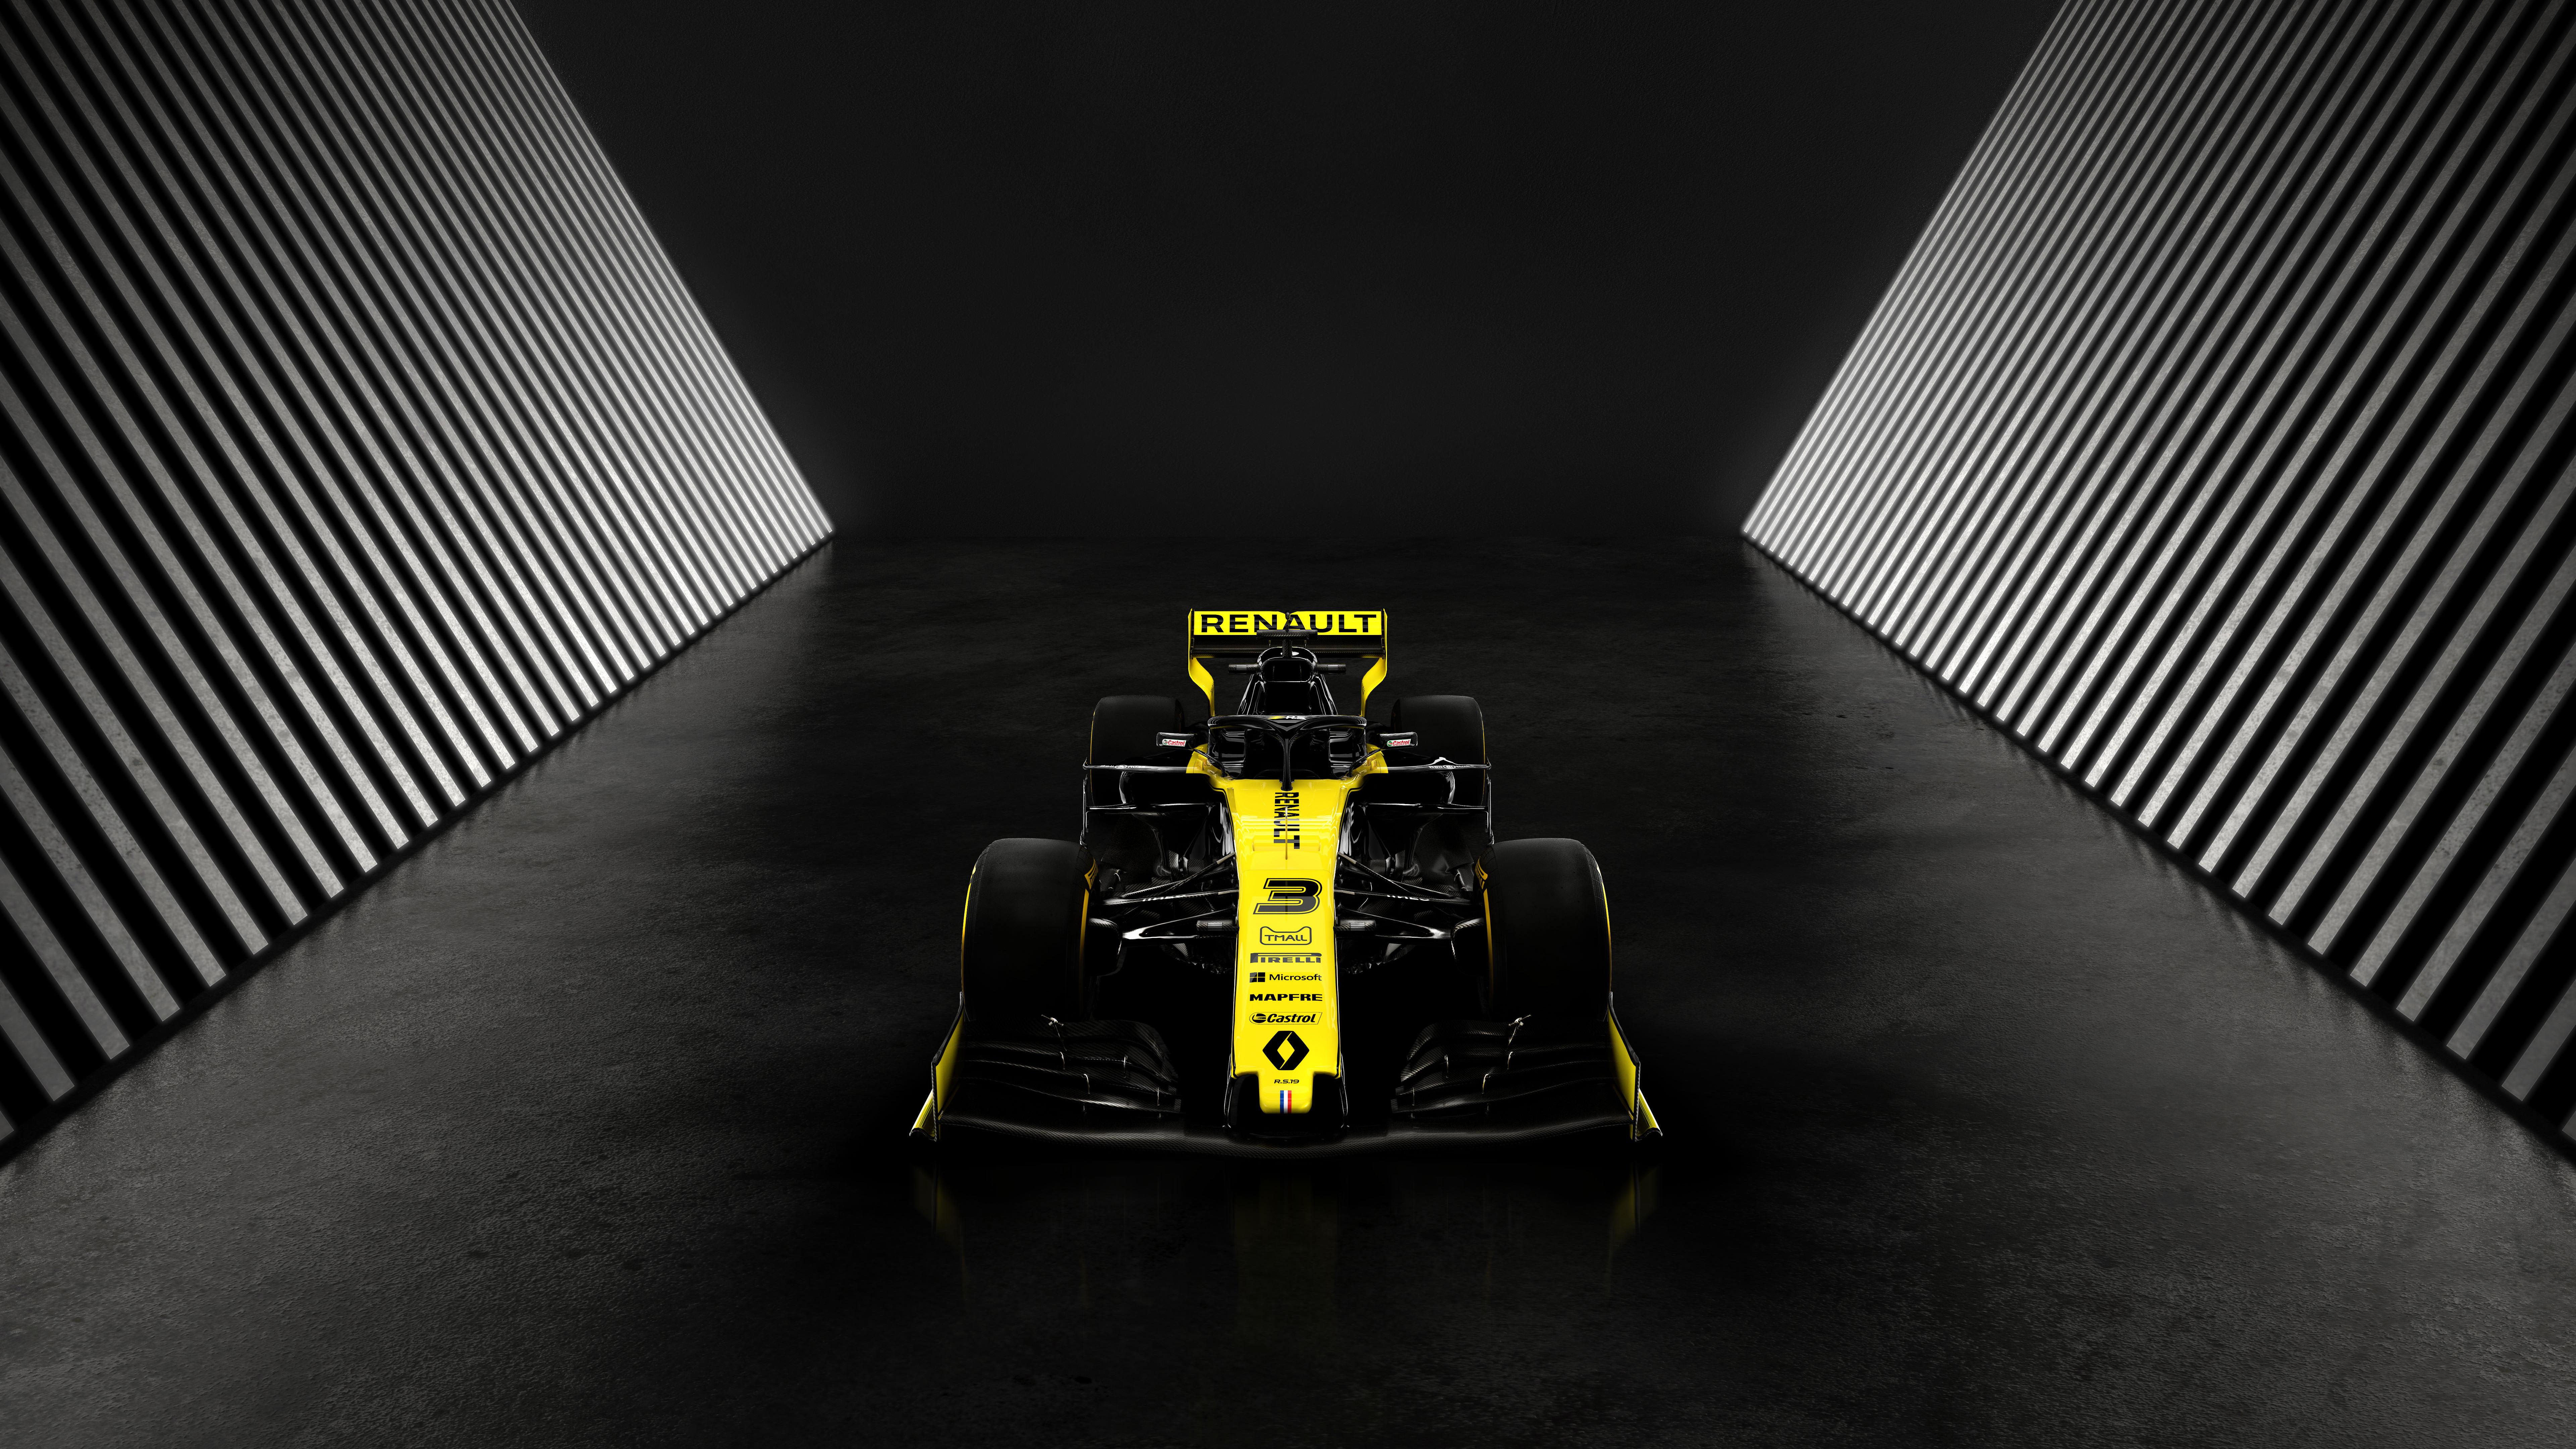 Renault RS19 Formula 1 2019 4K 8K 3 Wallpaper HD Car Wallpapers 7680x4320